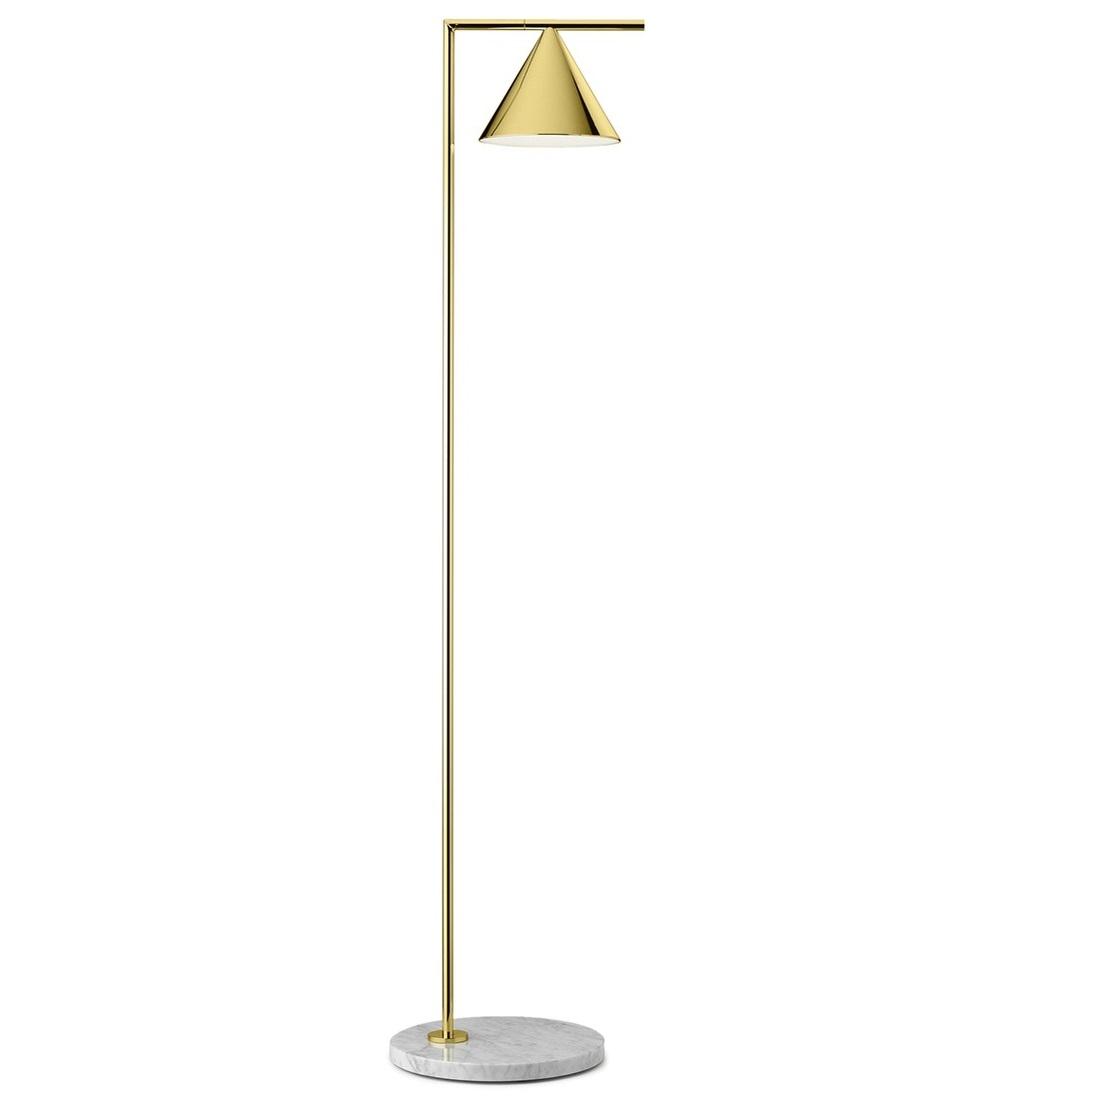 Flos designové stojací lampy Captain Flint